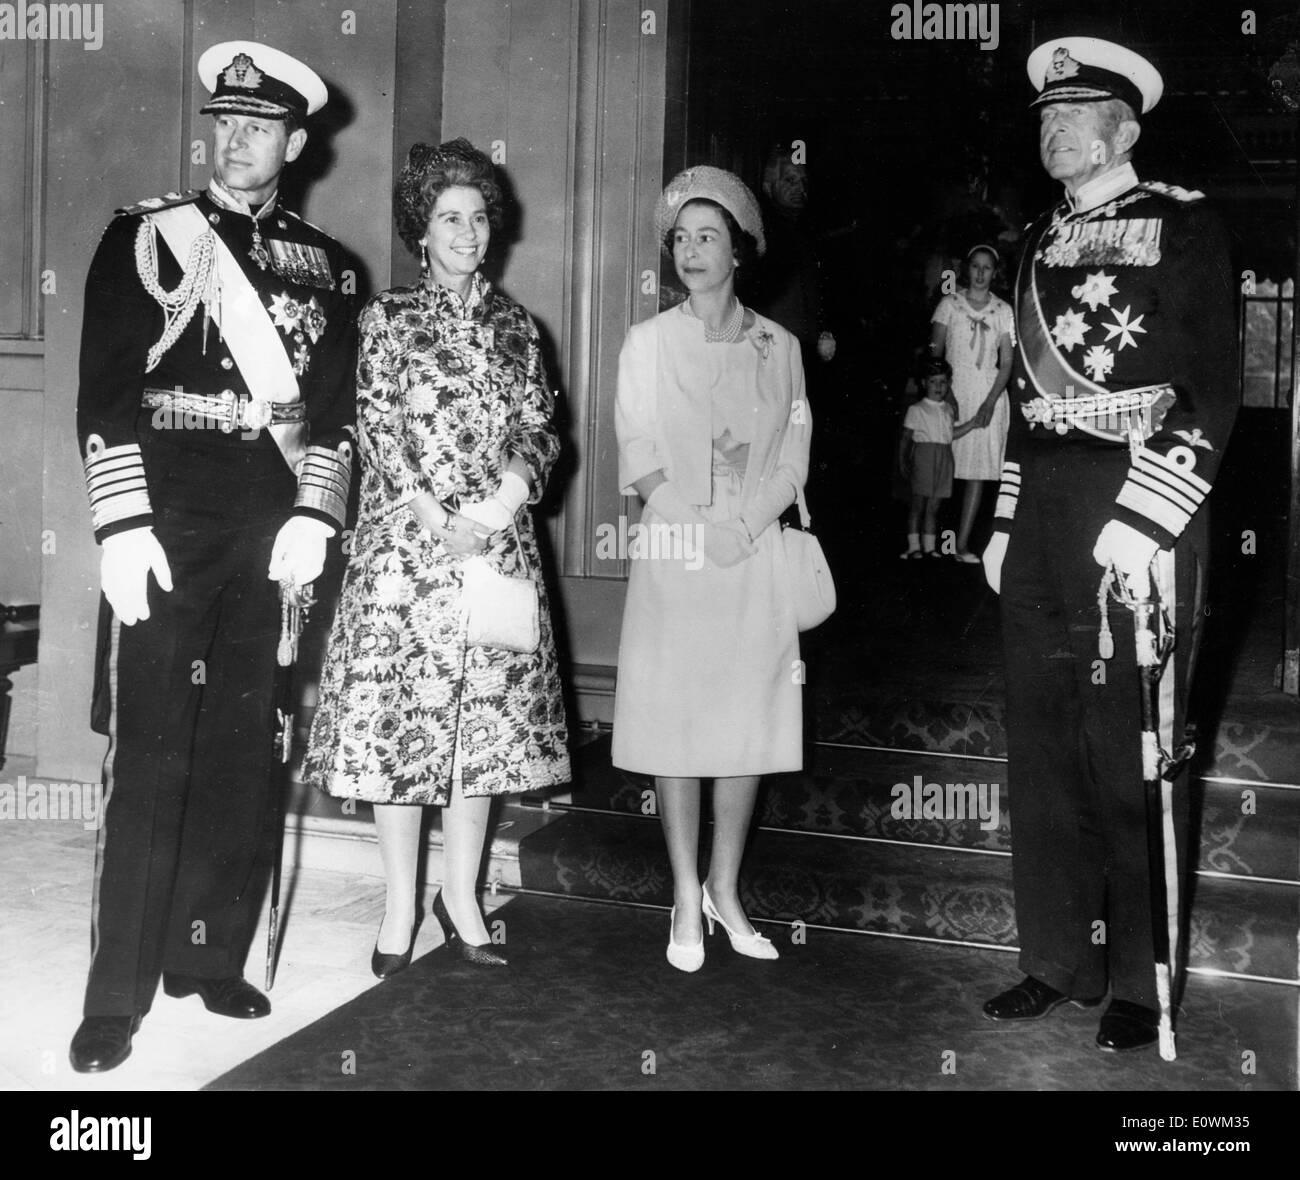 Queen Elizabeth II welcomes Greek royalty - Stock Image